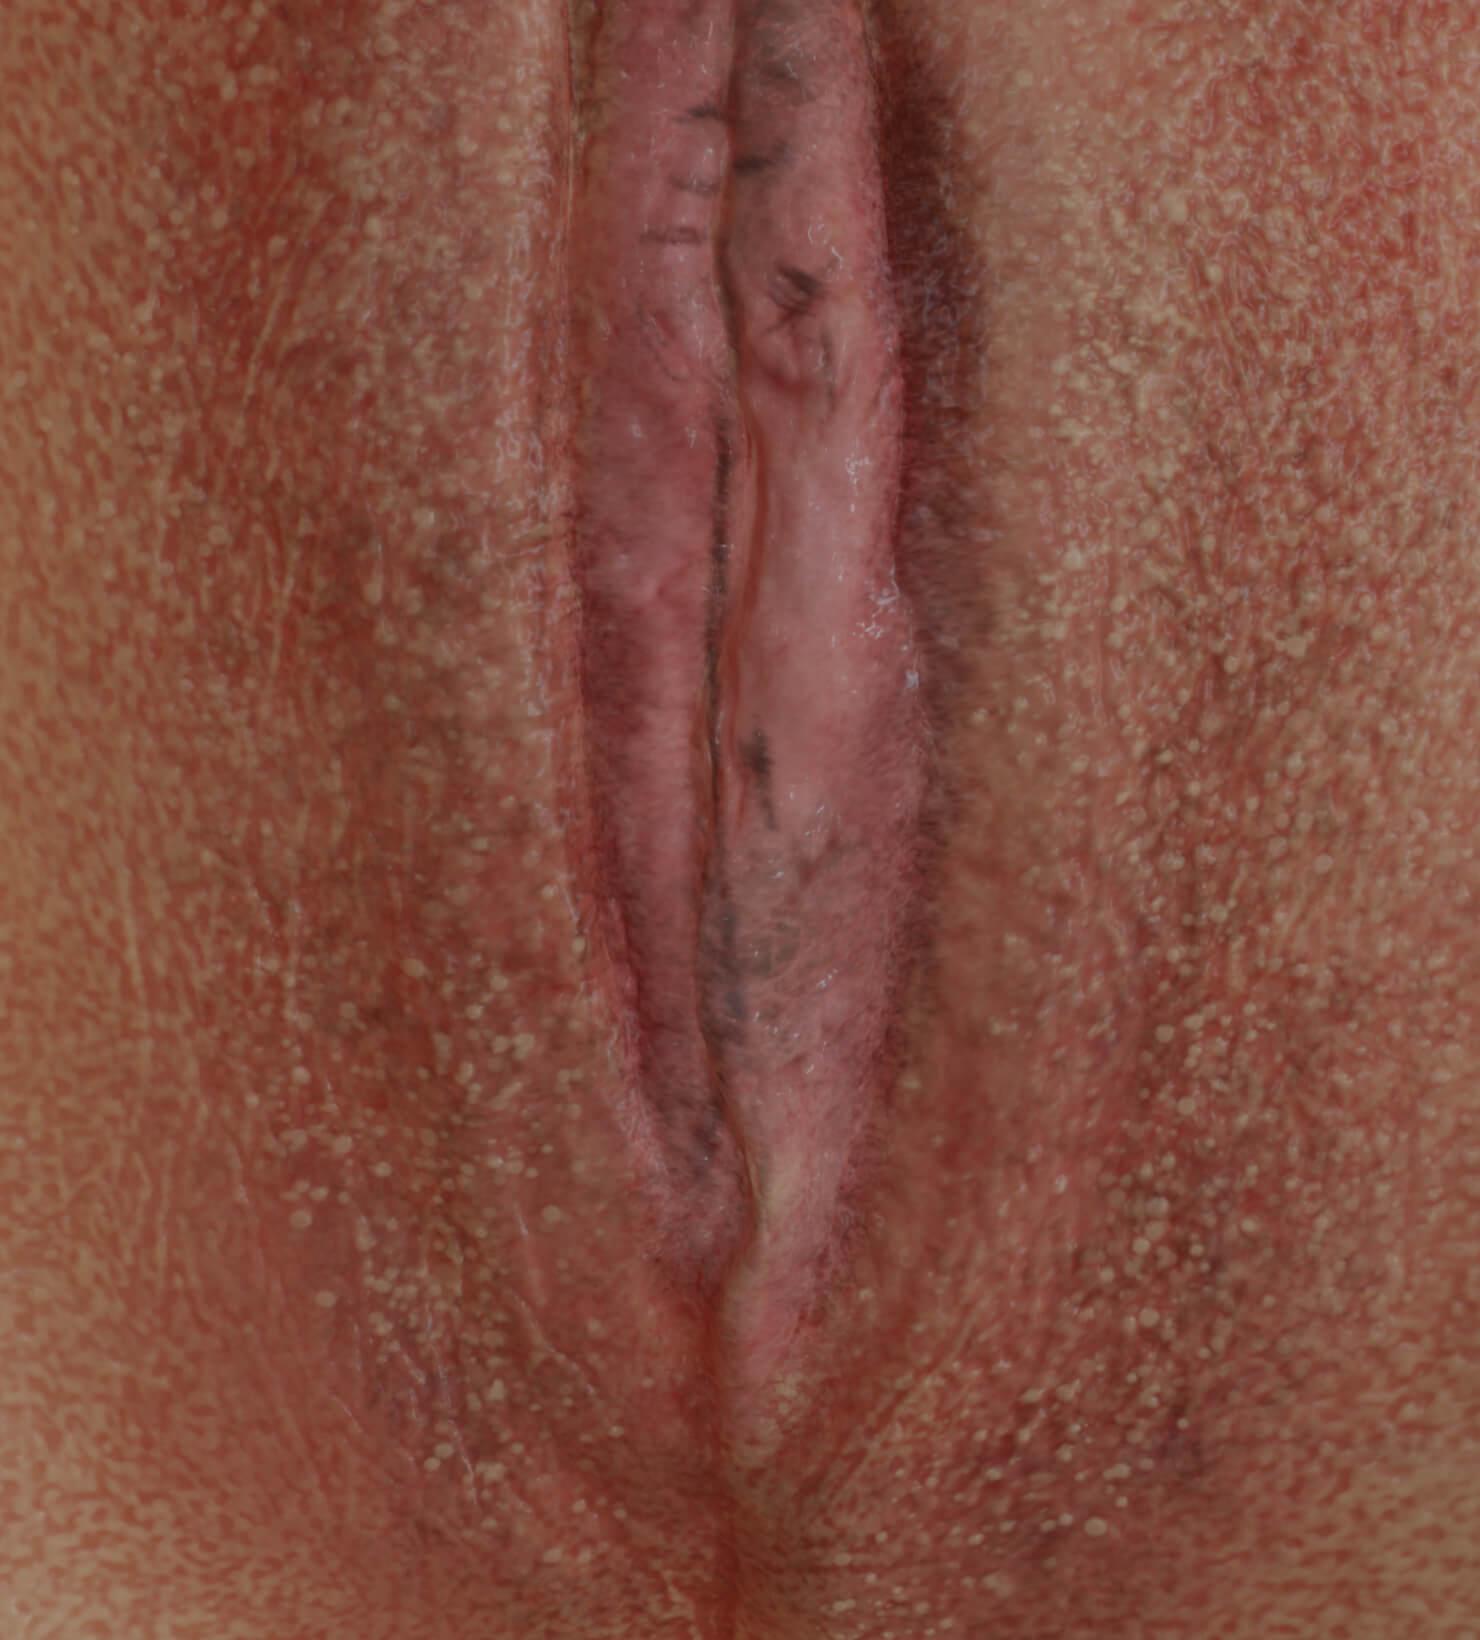 Patiente de la Clinique Chloé avec atrophie vaginale à être traitée avec des injections d'agents de comblement